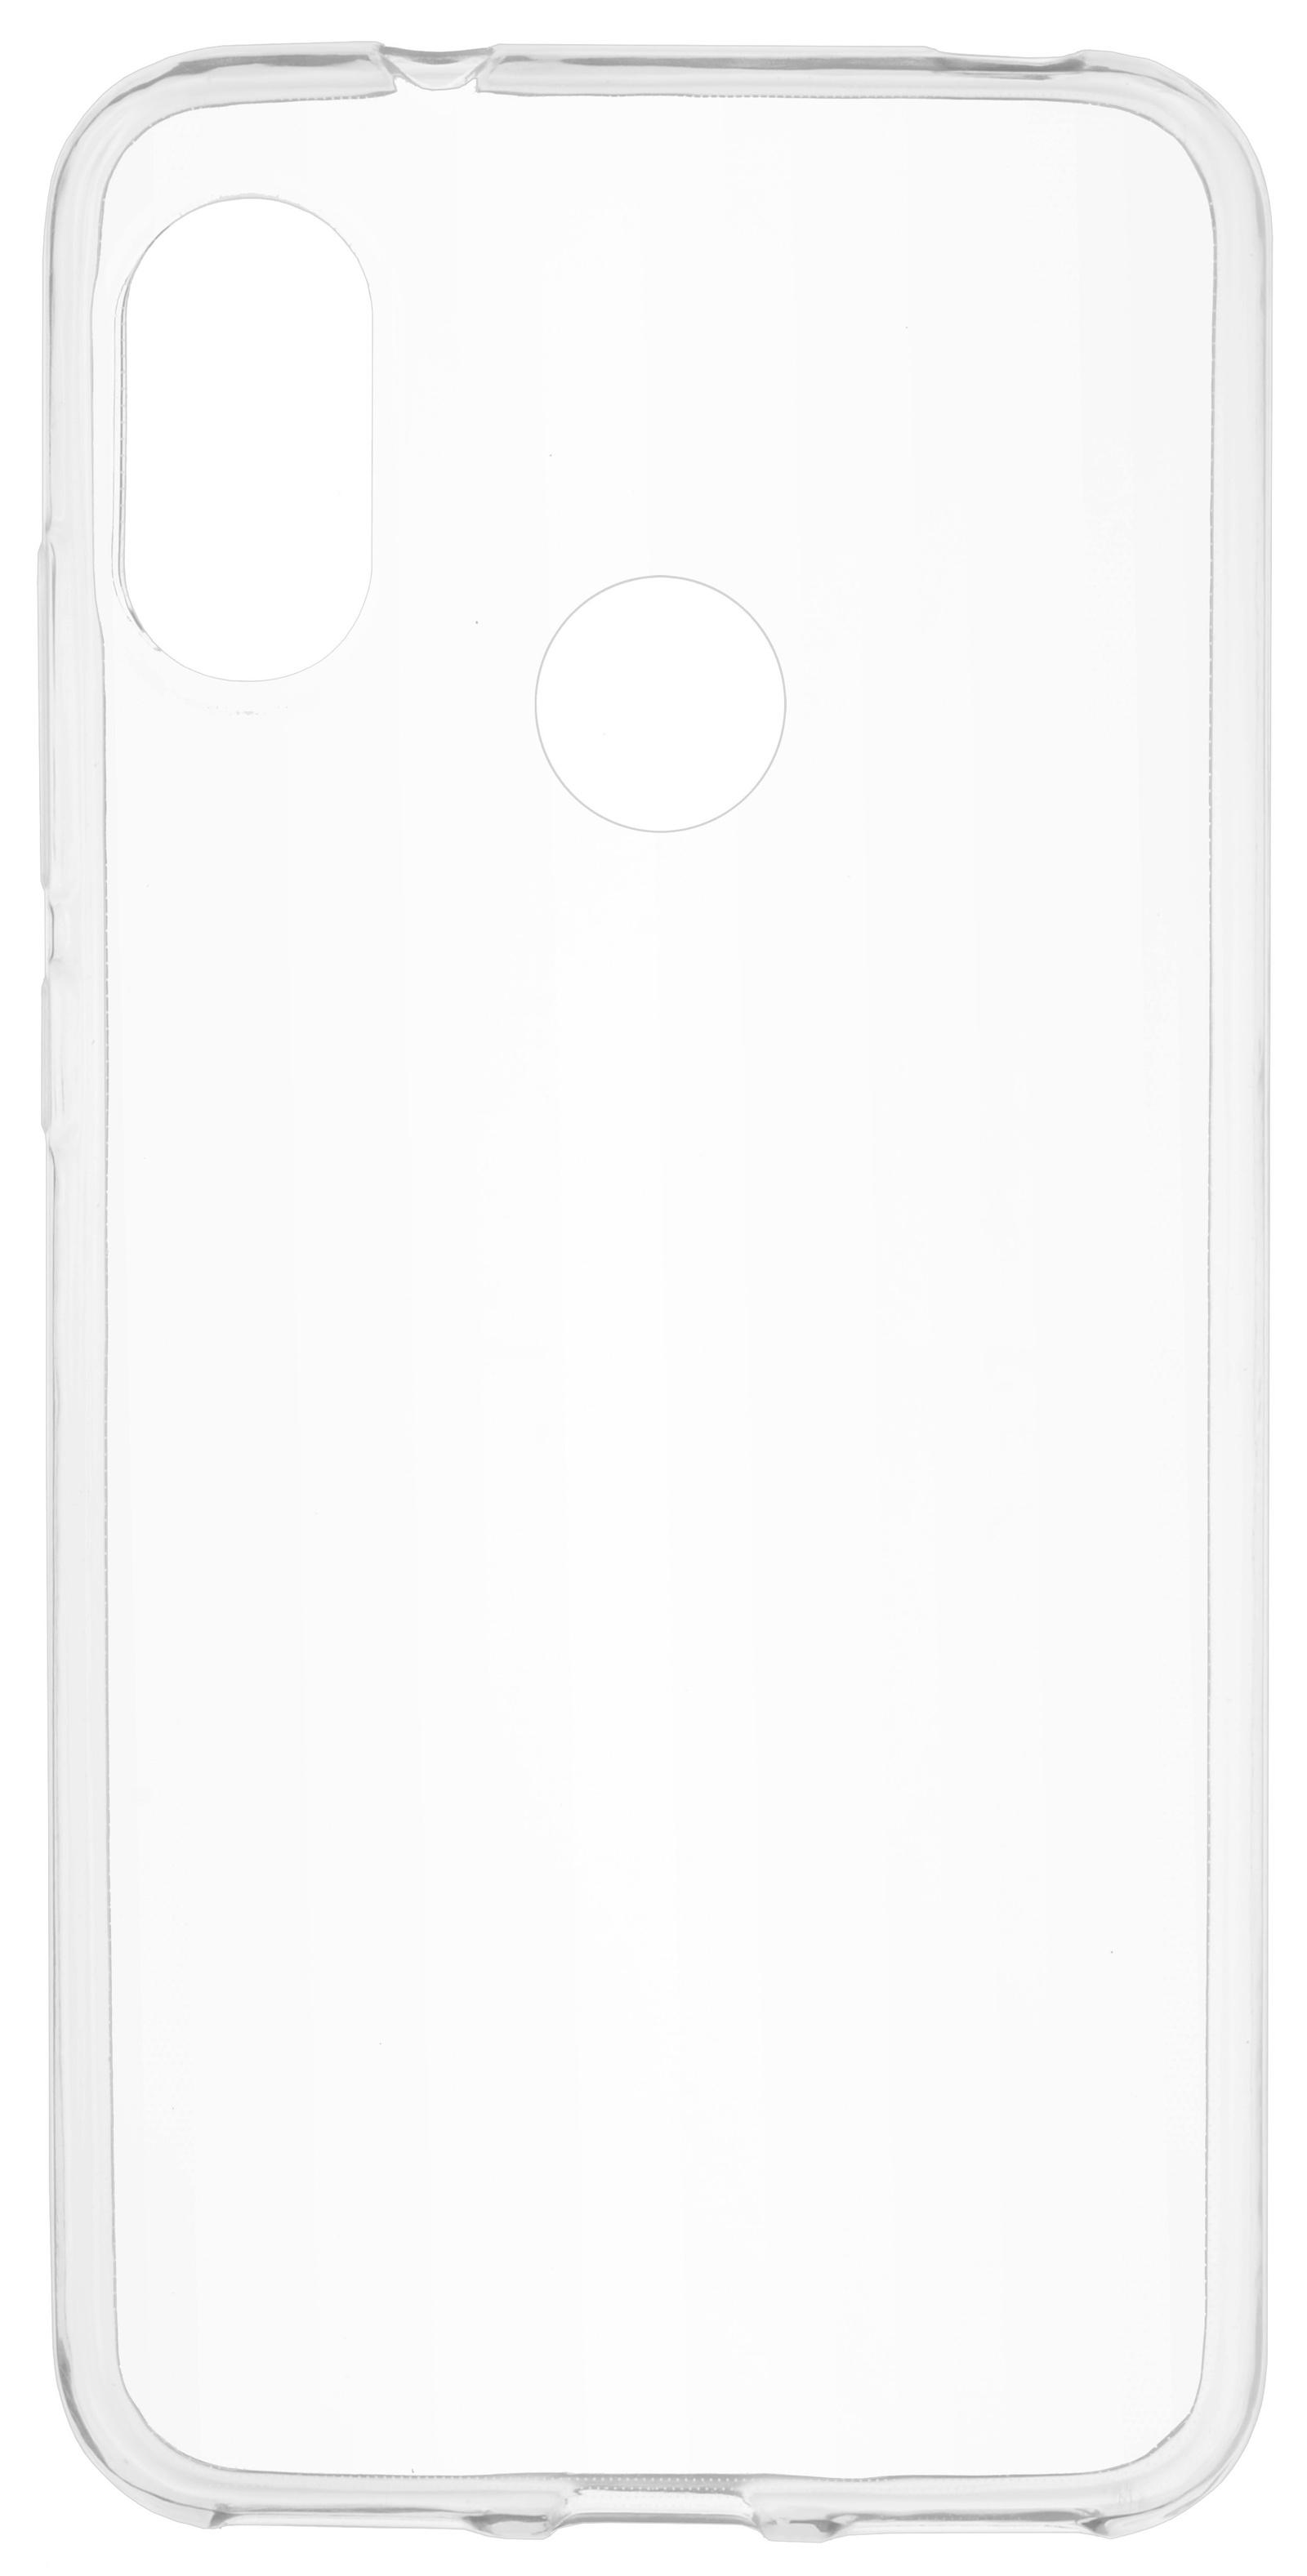 Накладка Skinbox Slim Silicone для Redmi 6 Pro, 4660041406399, прозрачный цена